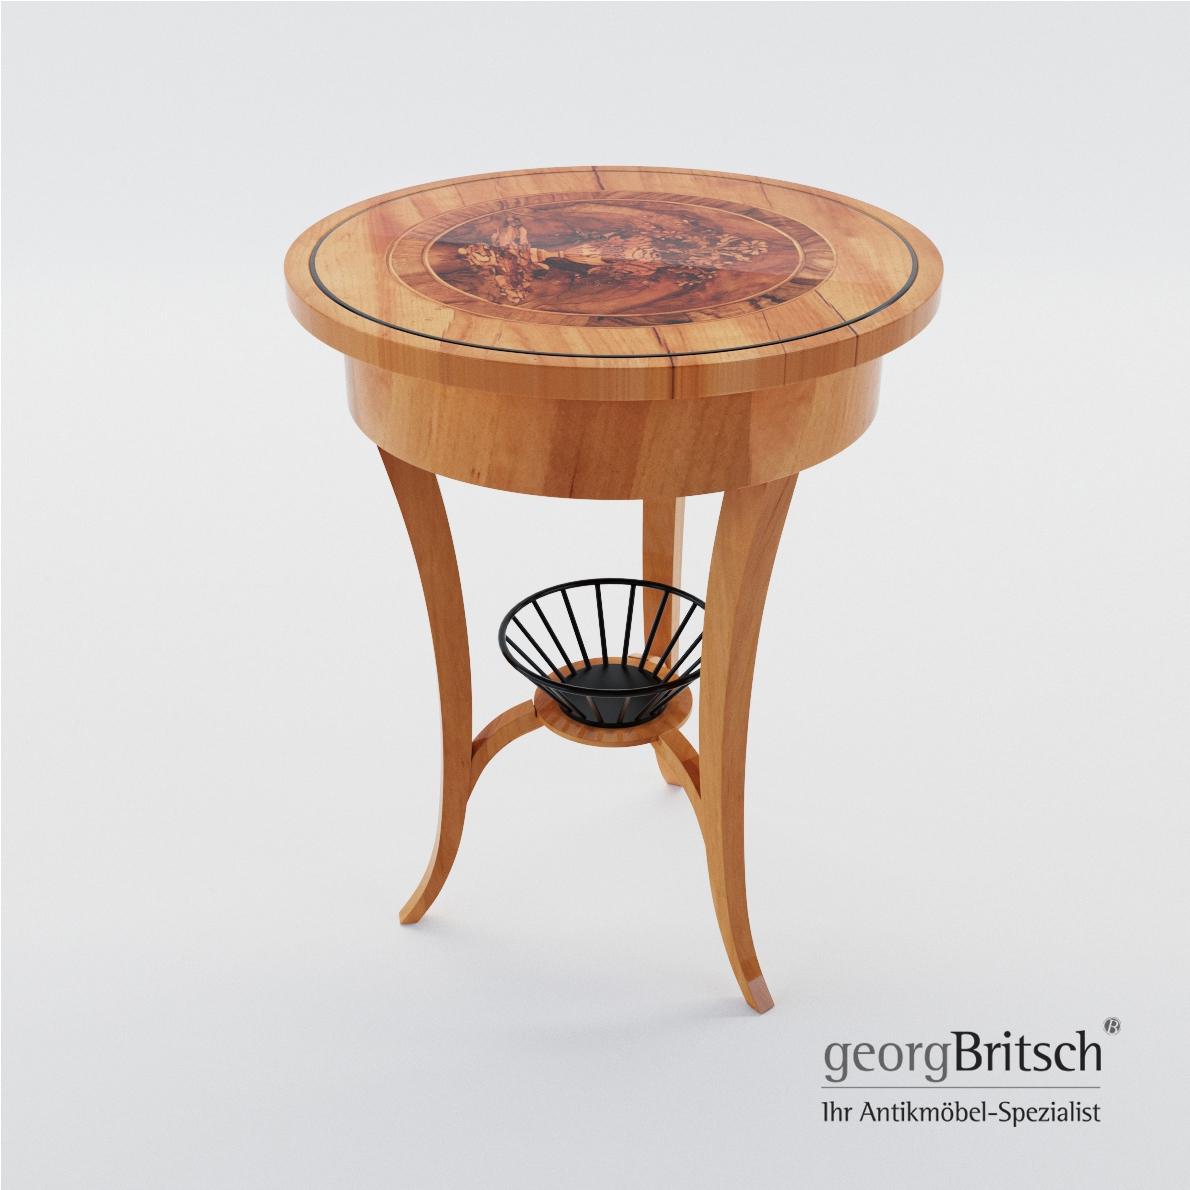 Biedermeier Sewing Table Georg Britsch 3d Realistic